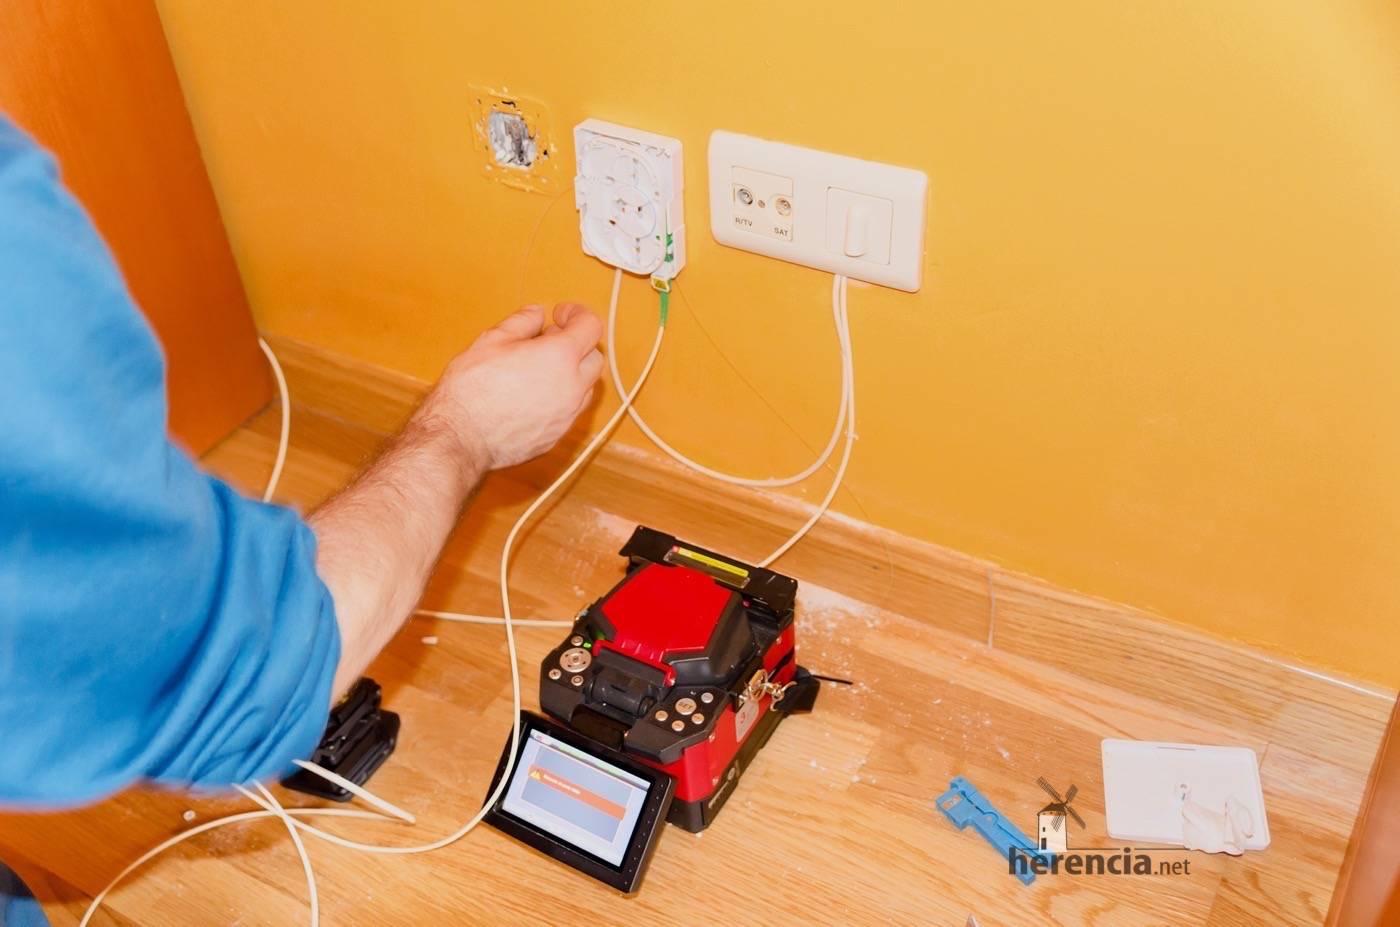 Instalación de fibra óptica en el hogar